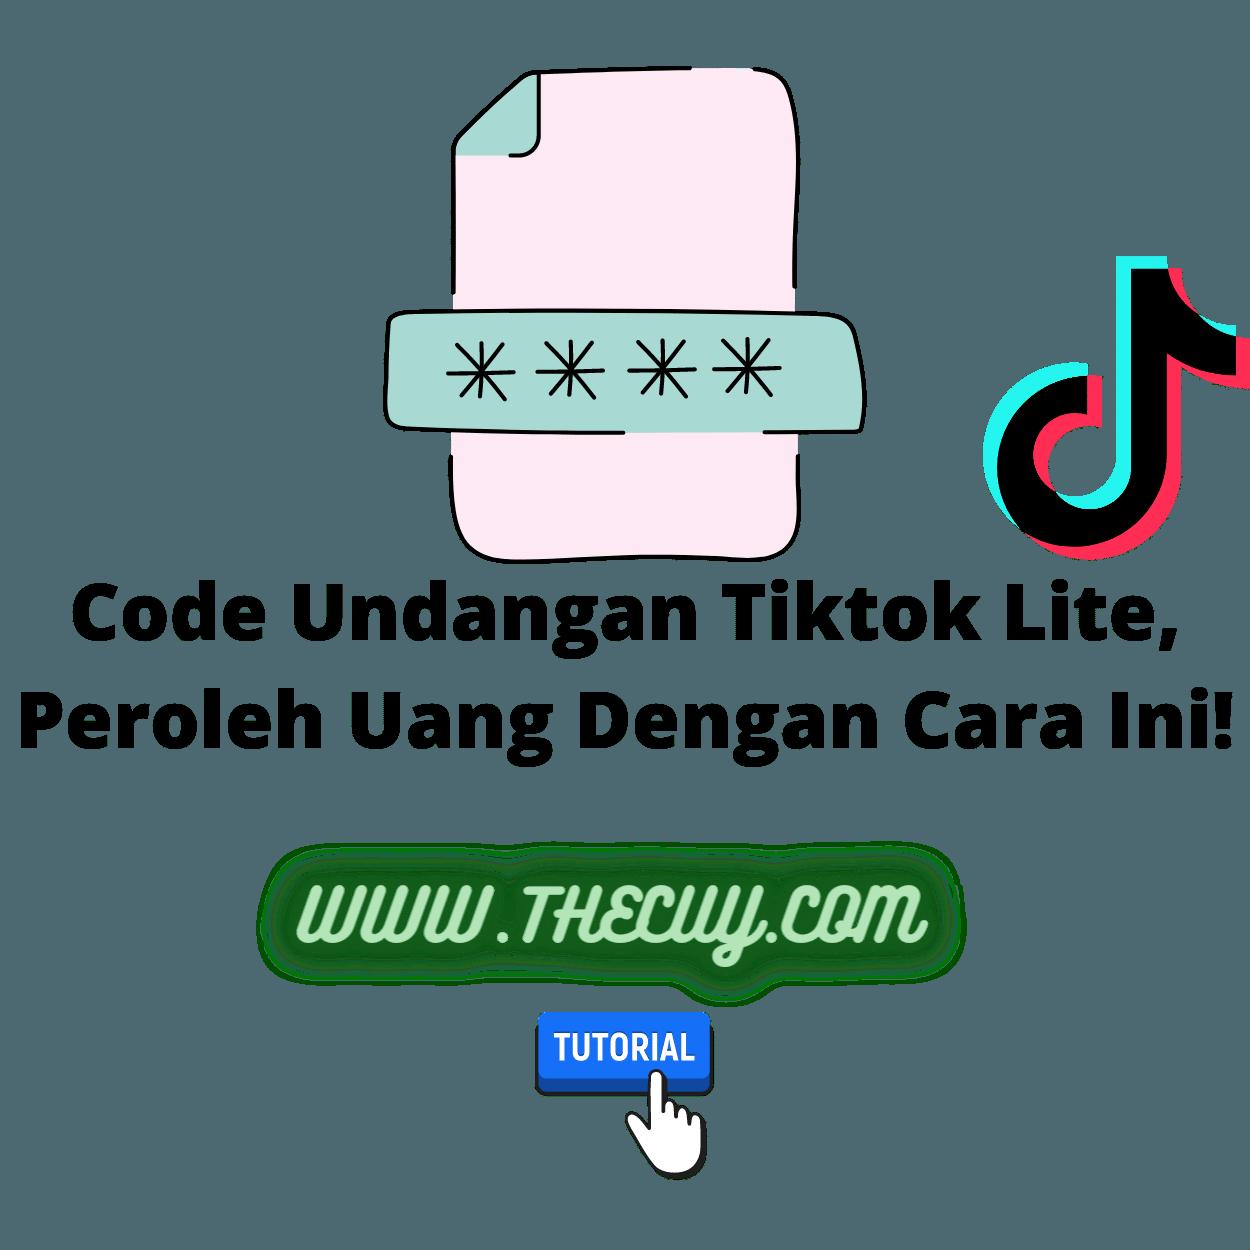 Code Undangan Tiktok Lite, Peroleh Uang Dengan Cara Ini!